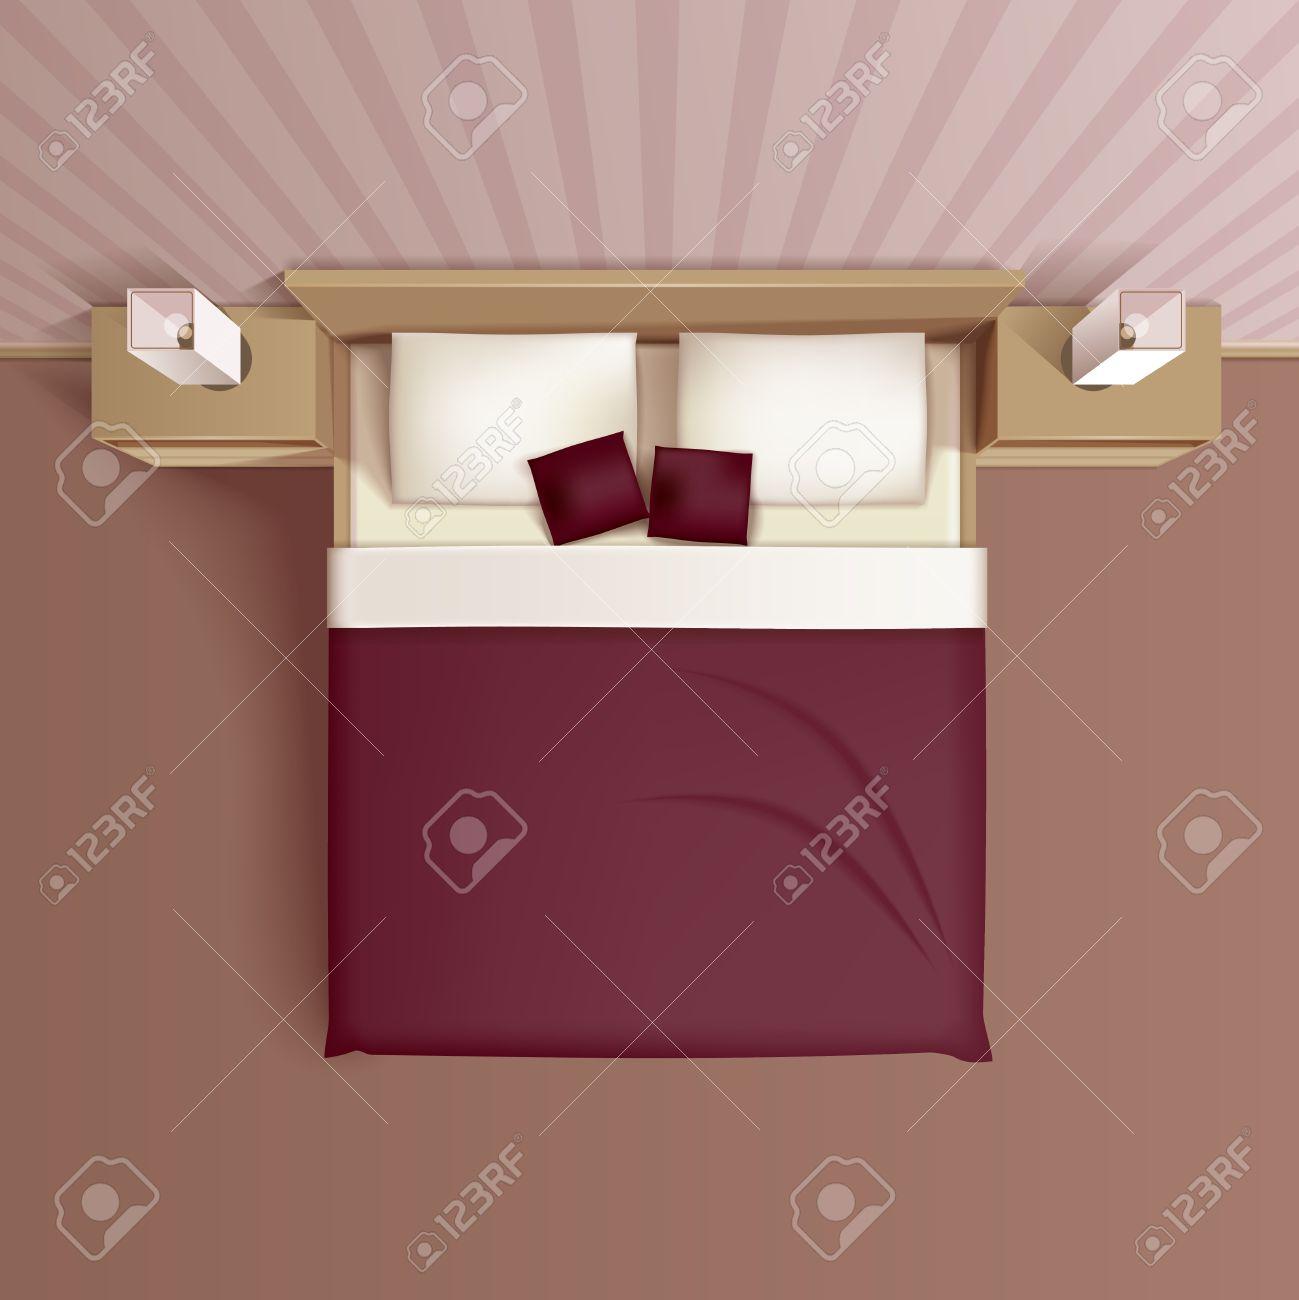 Chambre familiale classique design d\'intérieur avec un lit confortable  coussins de tête de lit et chevets vue de dessus réaliste illustration ...